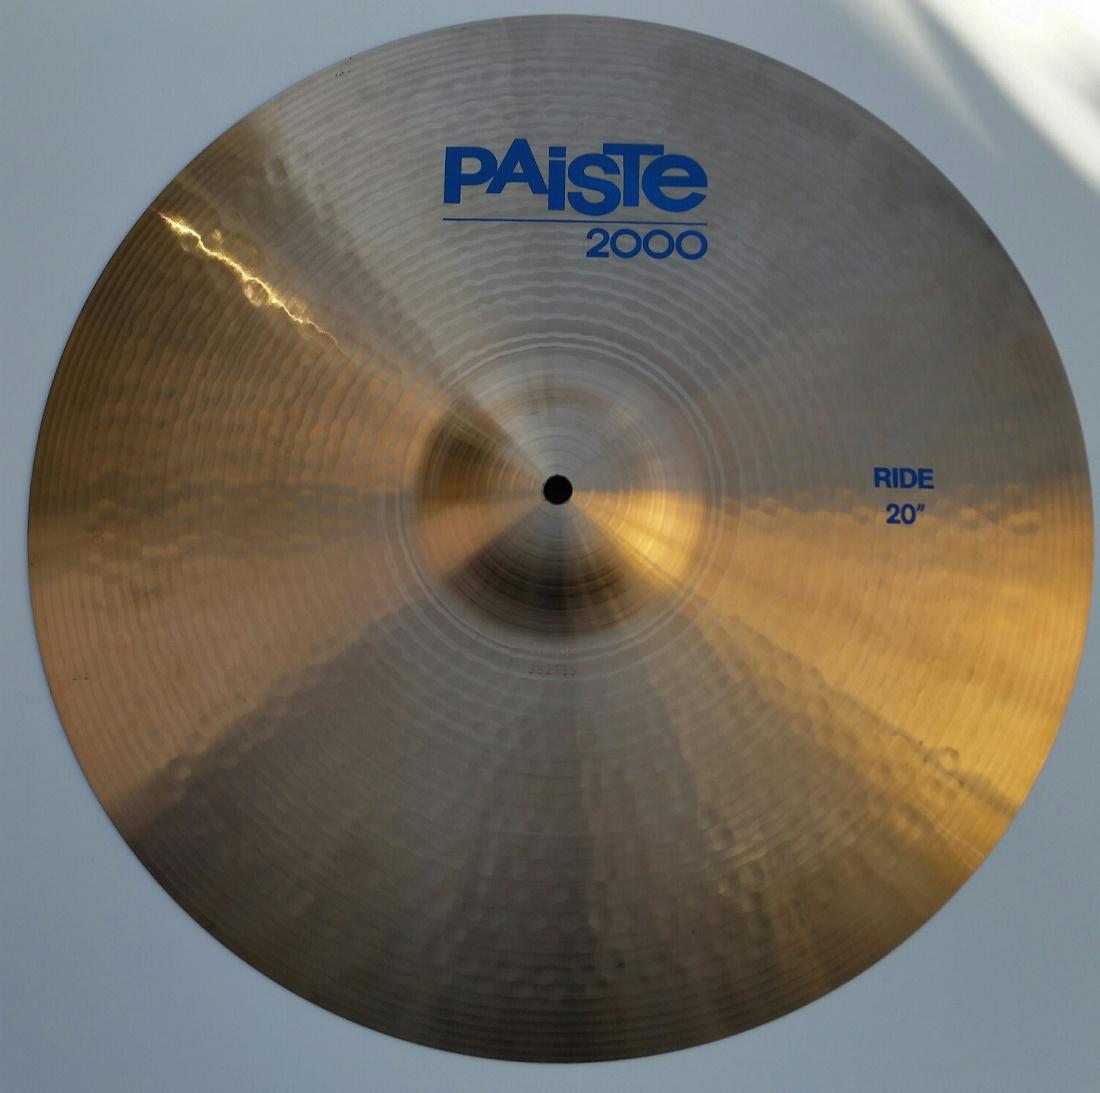 cb375a9ca4a2 Edgar Werner Musikexpress - Paiste 2000 20 Ride Cymbal